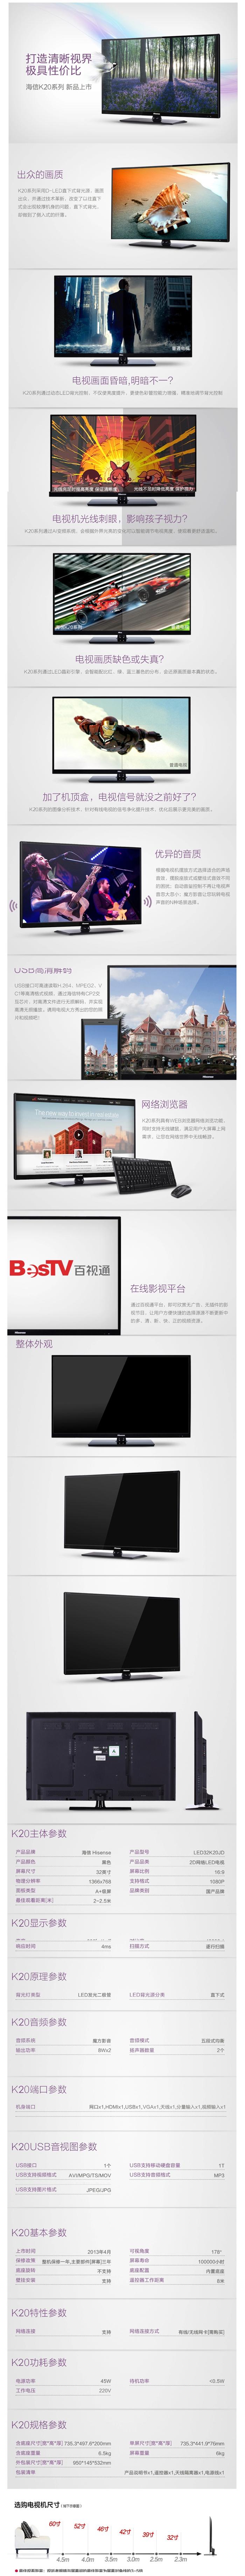 海信led32k20jd 32英寸网络led液晶电视机 超薄窄边